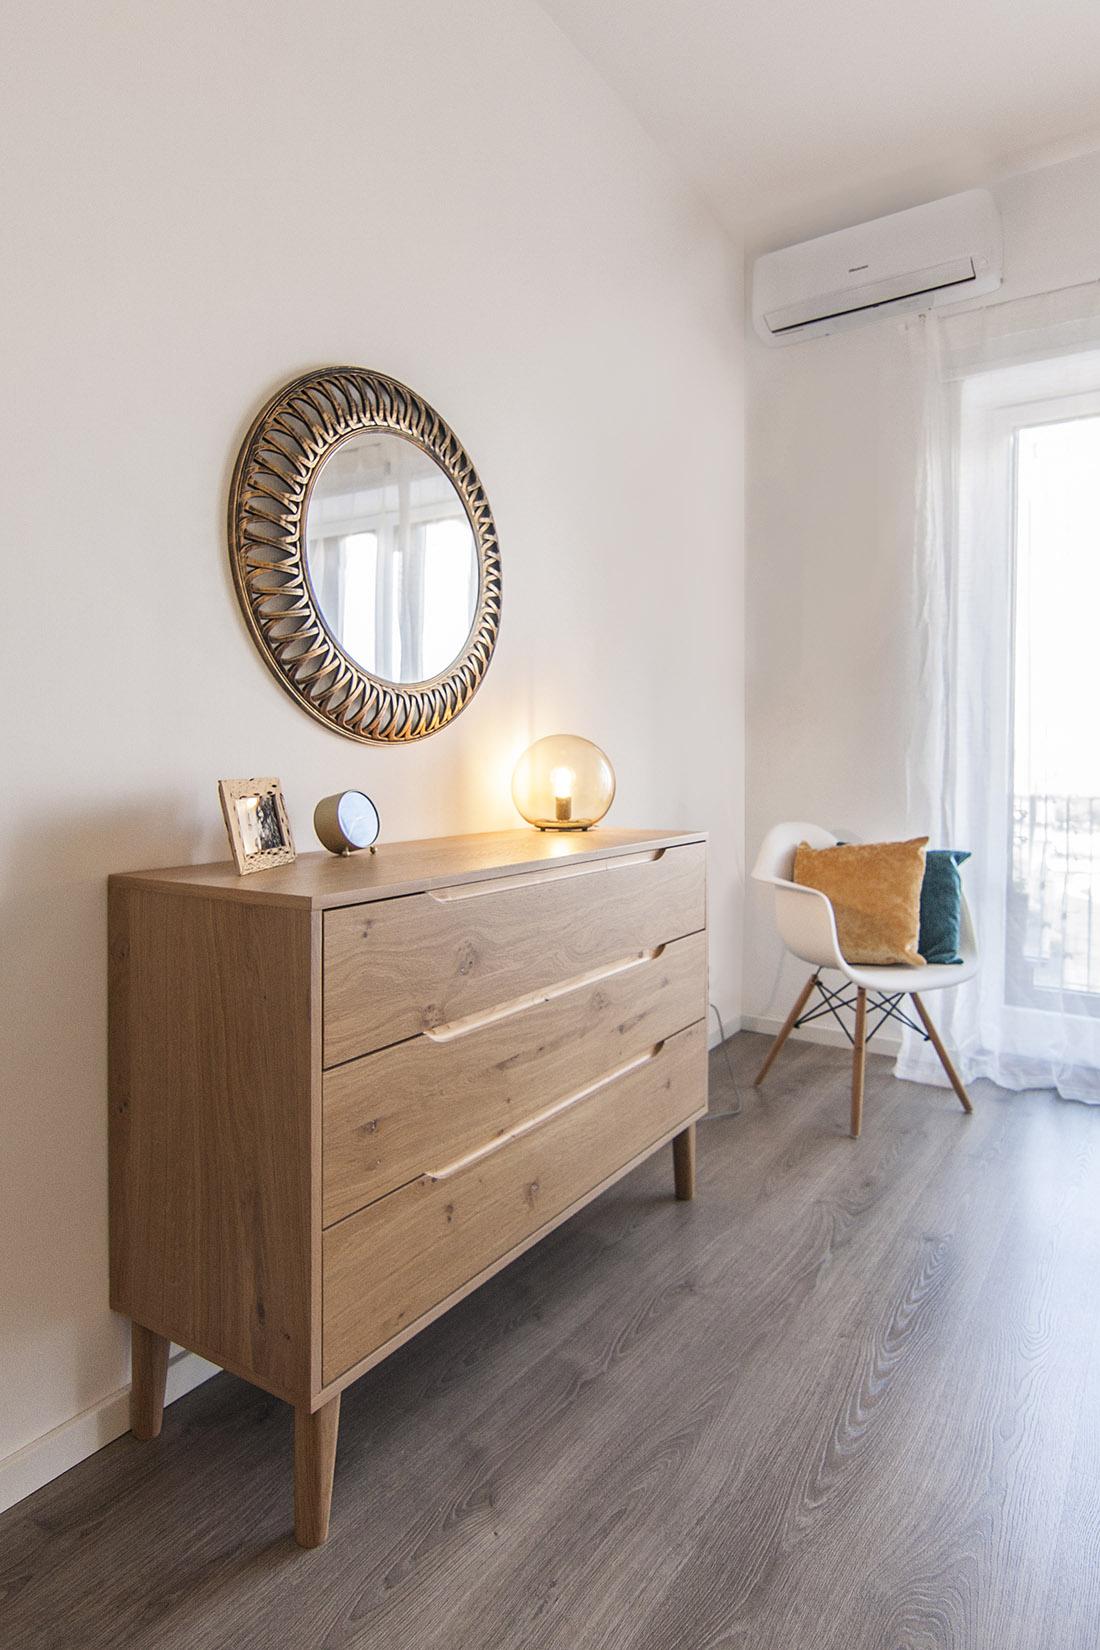 appartamento-rinascita-napoli-pucciarelli-architetti-interior-design-luce-camera-2